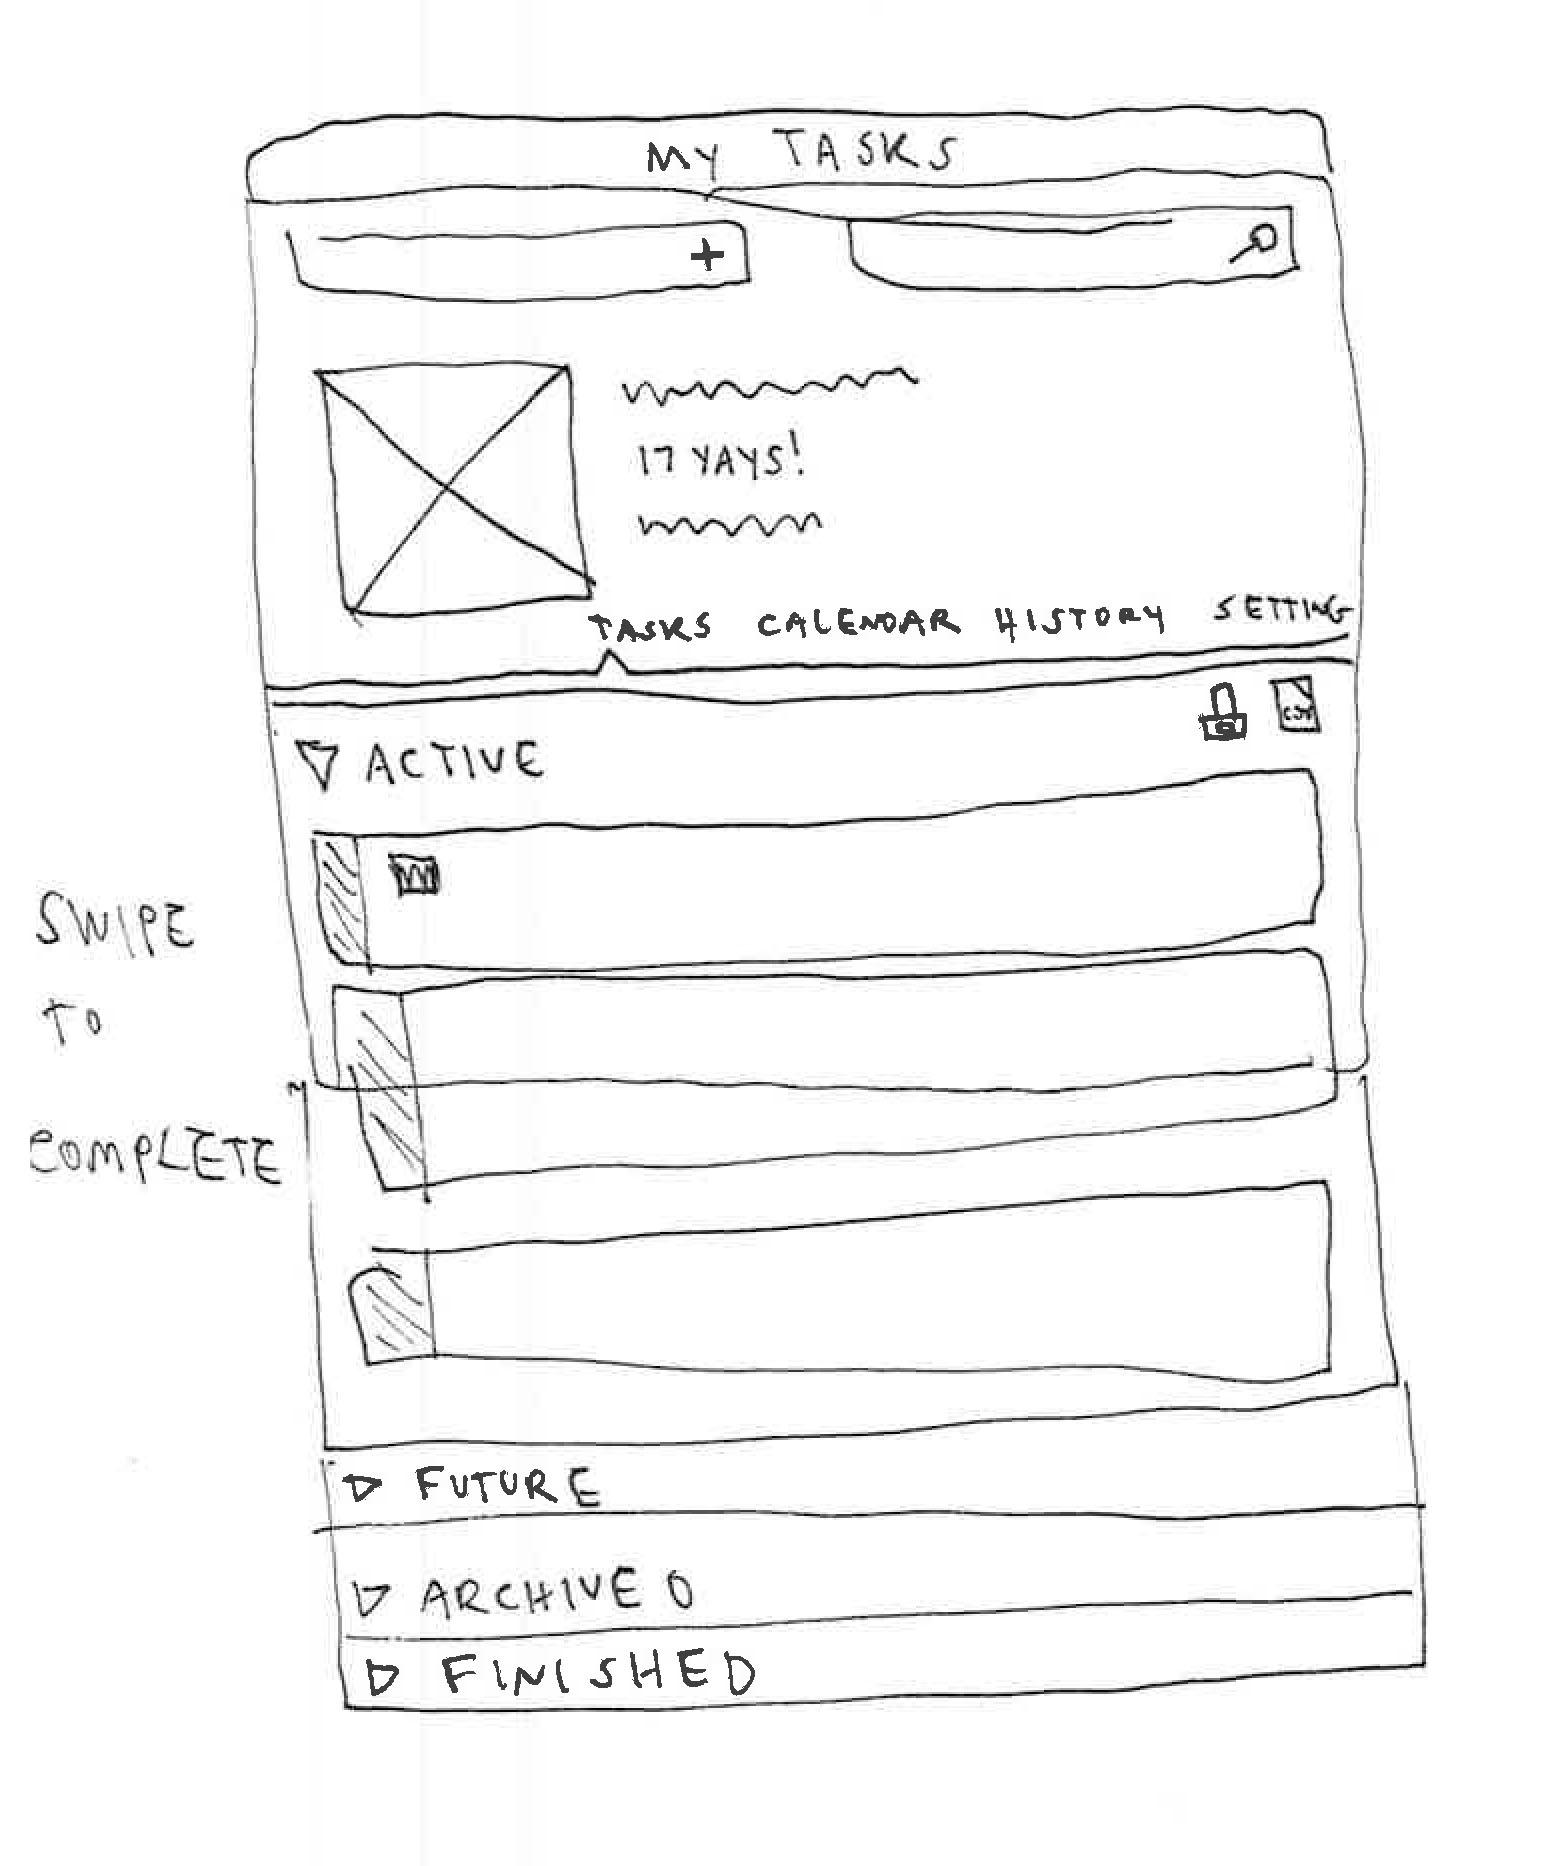 TaskPane_asisWeb.jpg